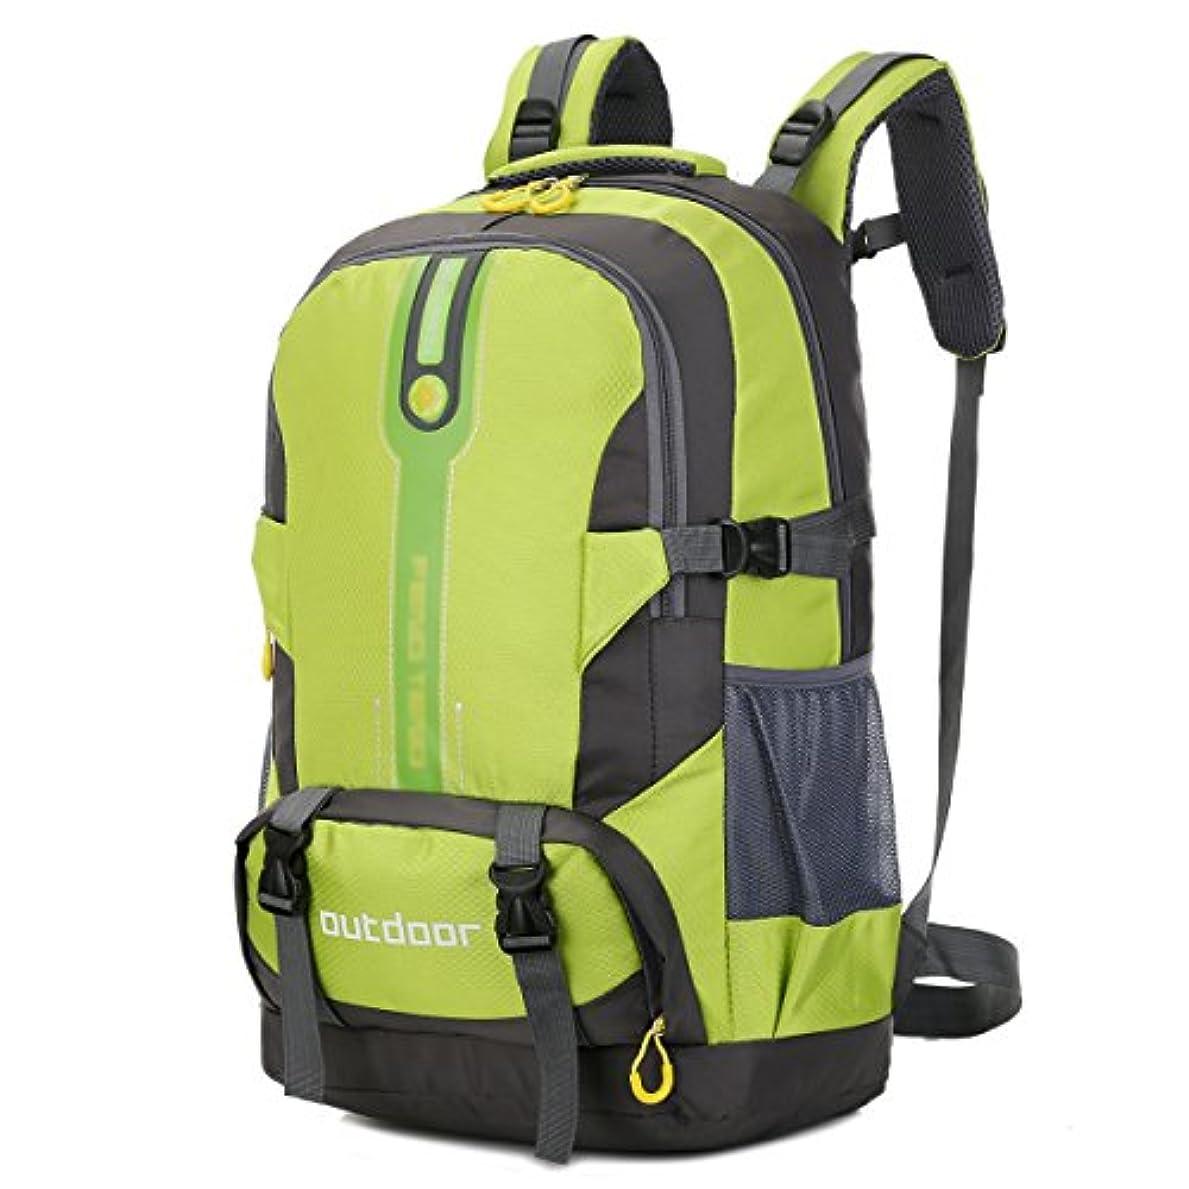 祭司宣伝頭アウトドア 登山 バックパック, Natuce 50L大容量 防水 軽量 多機能 リュック 背中通気スポーツバッグ